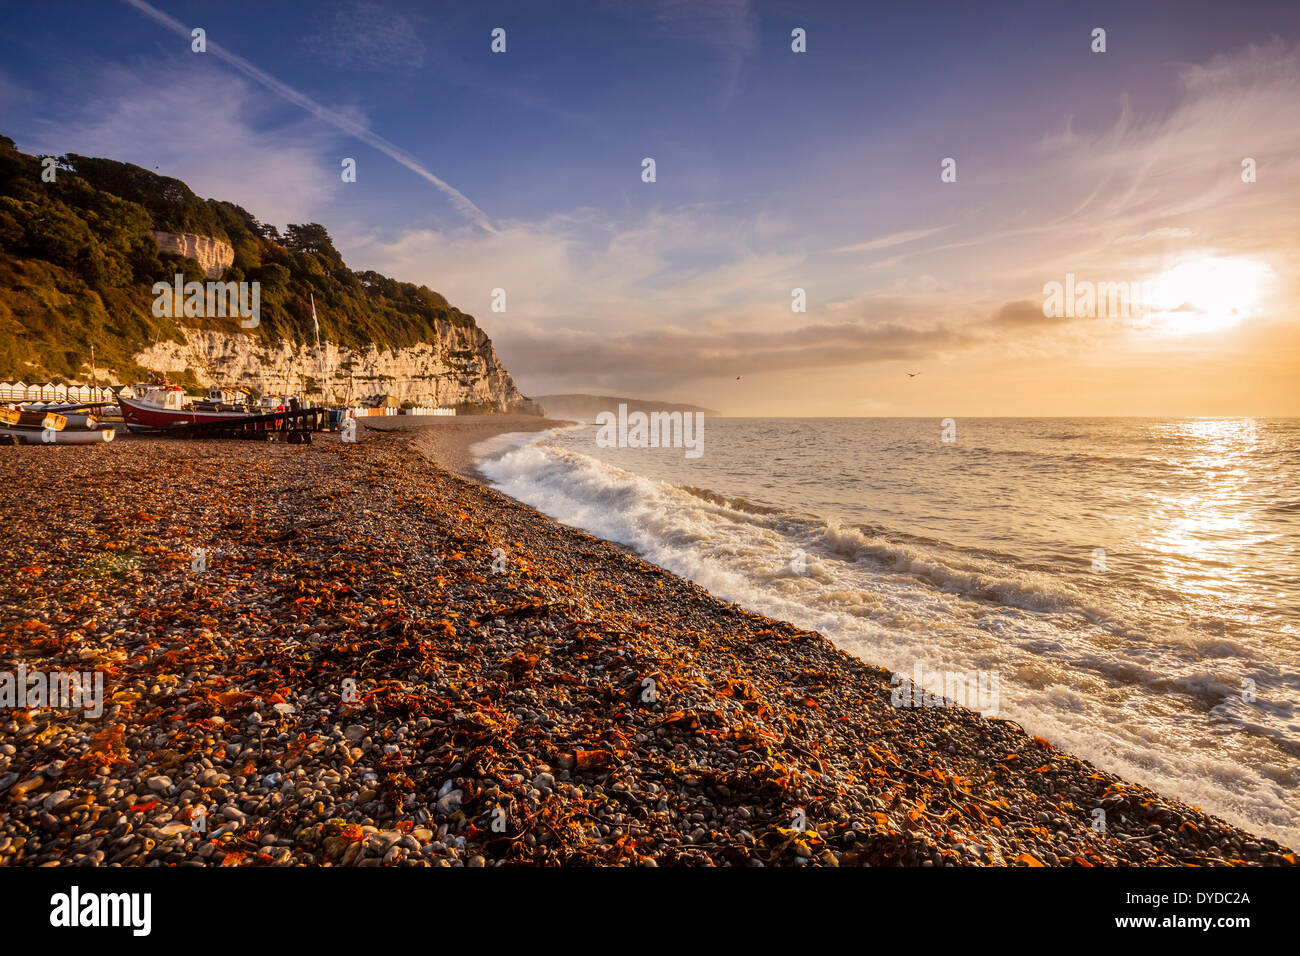 Une vue le long de la côte à la bière dans le Devon. Photo Stock